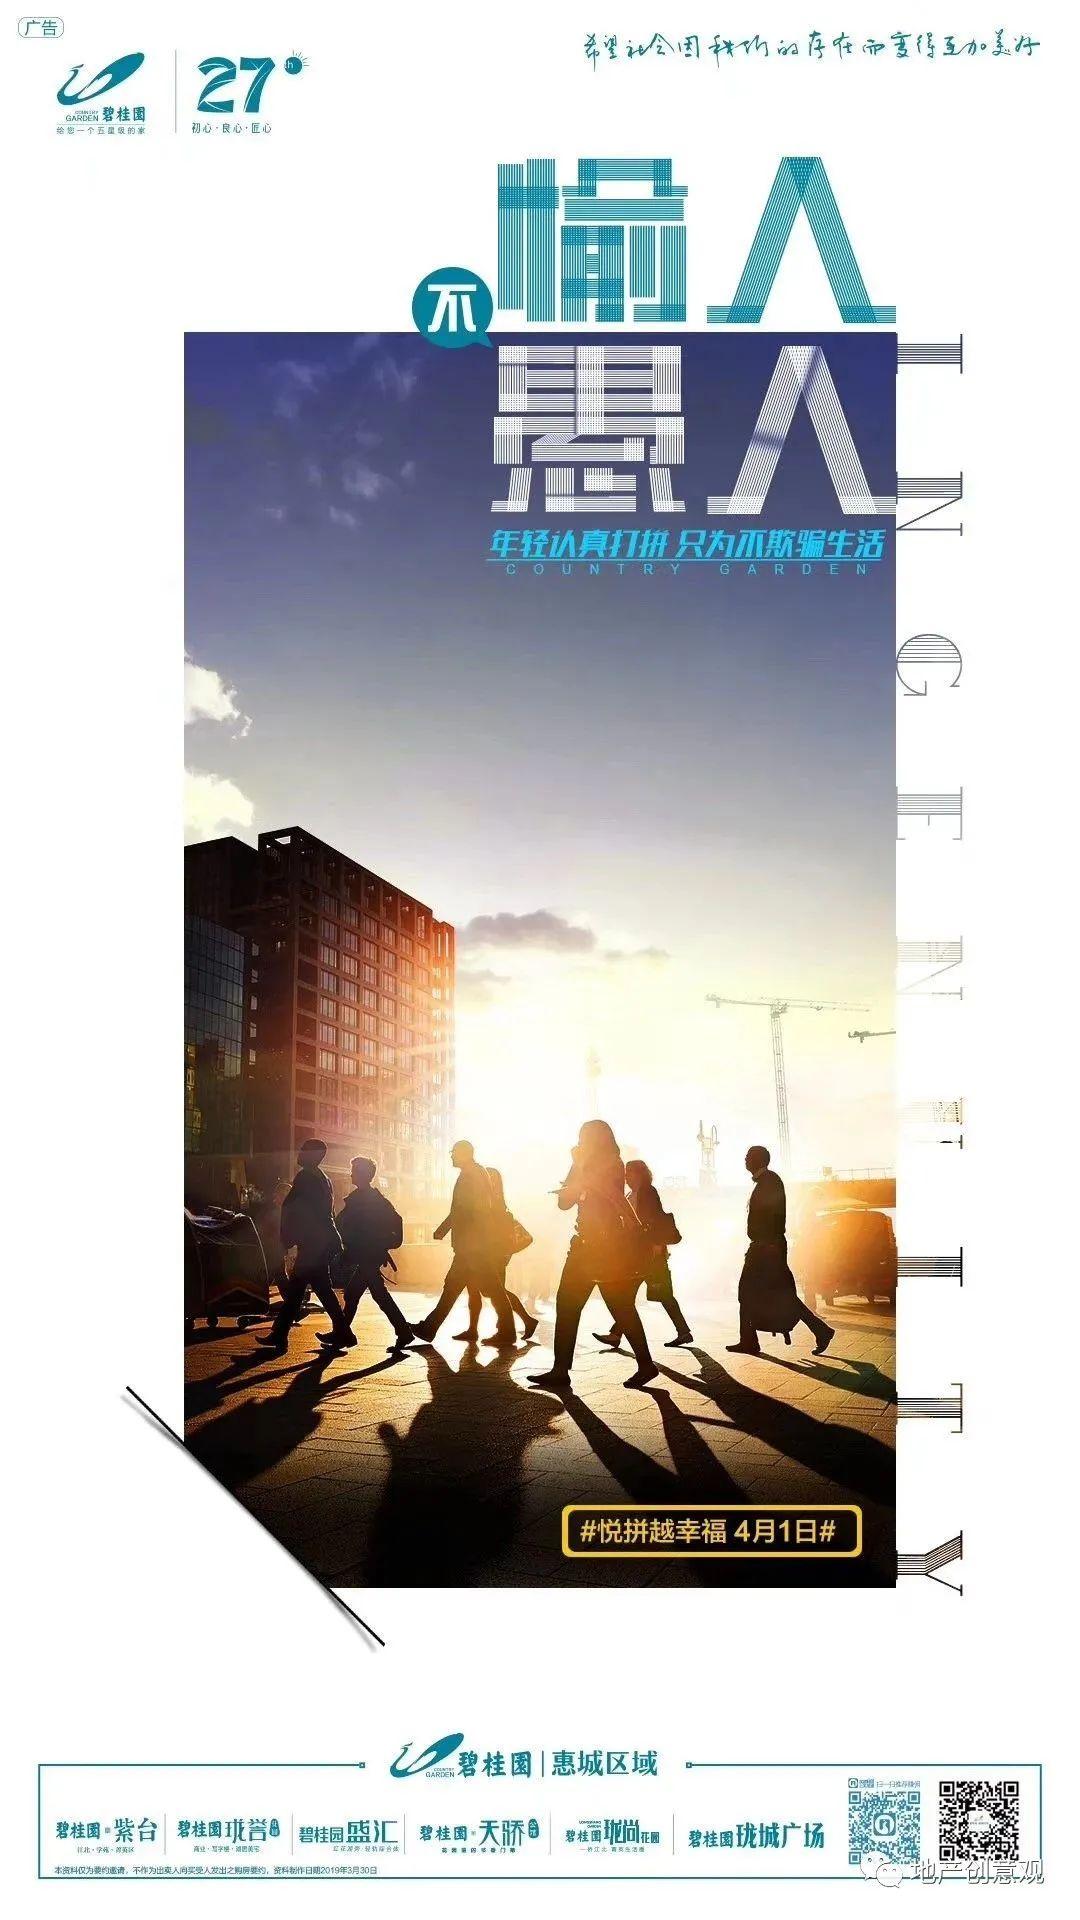 地产广告丨2021愚人节借势海报文案欣赏~插图50